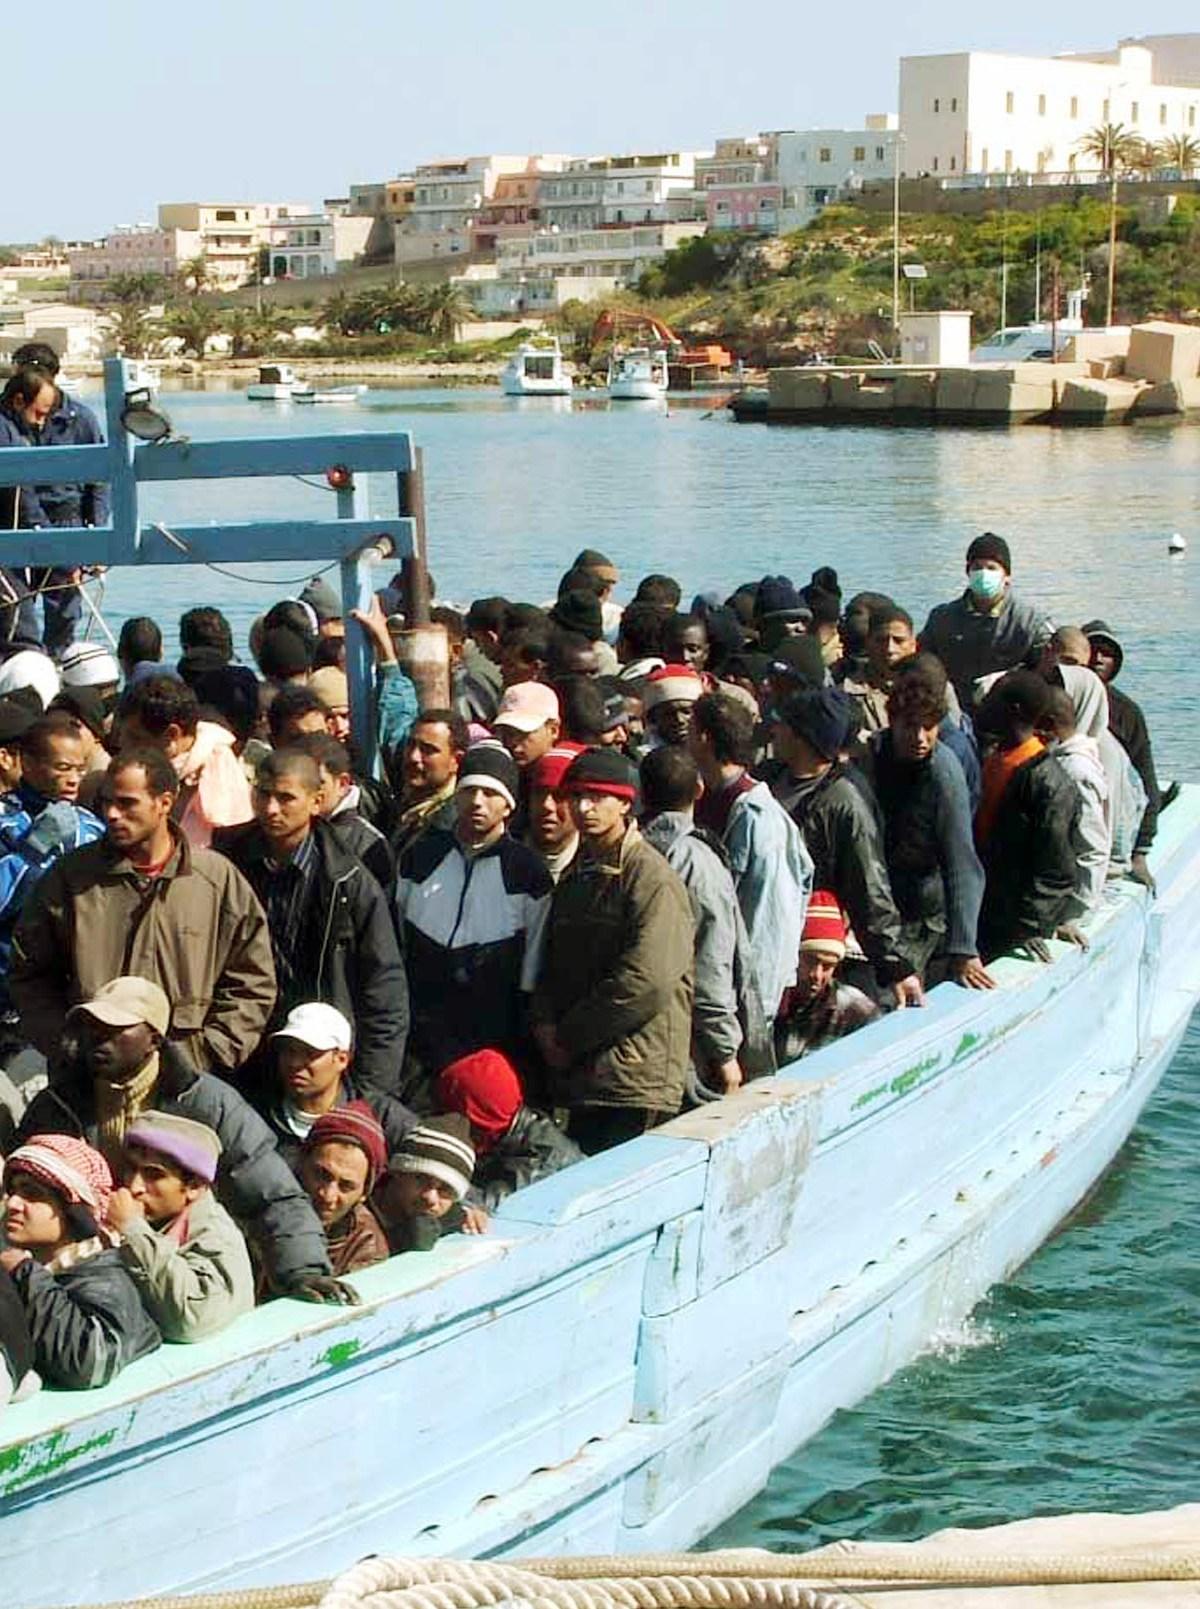 sbarchi di migranti a Lampedusa 1